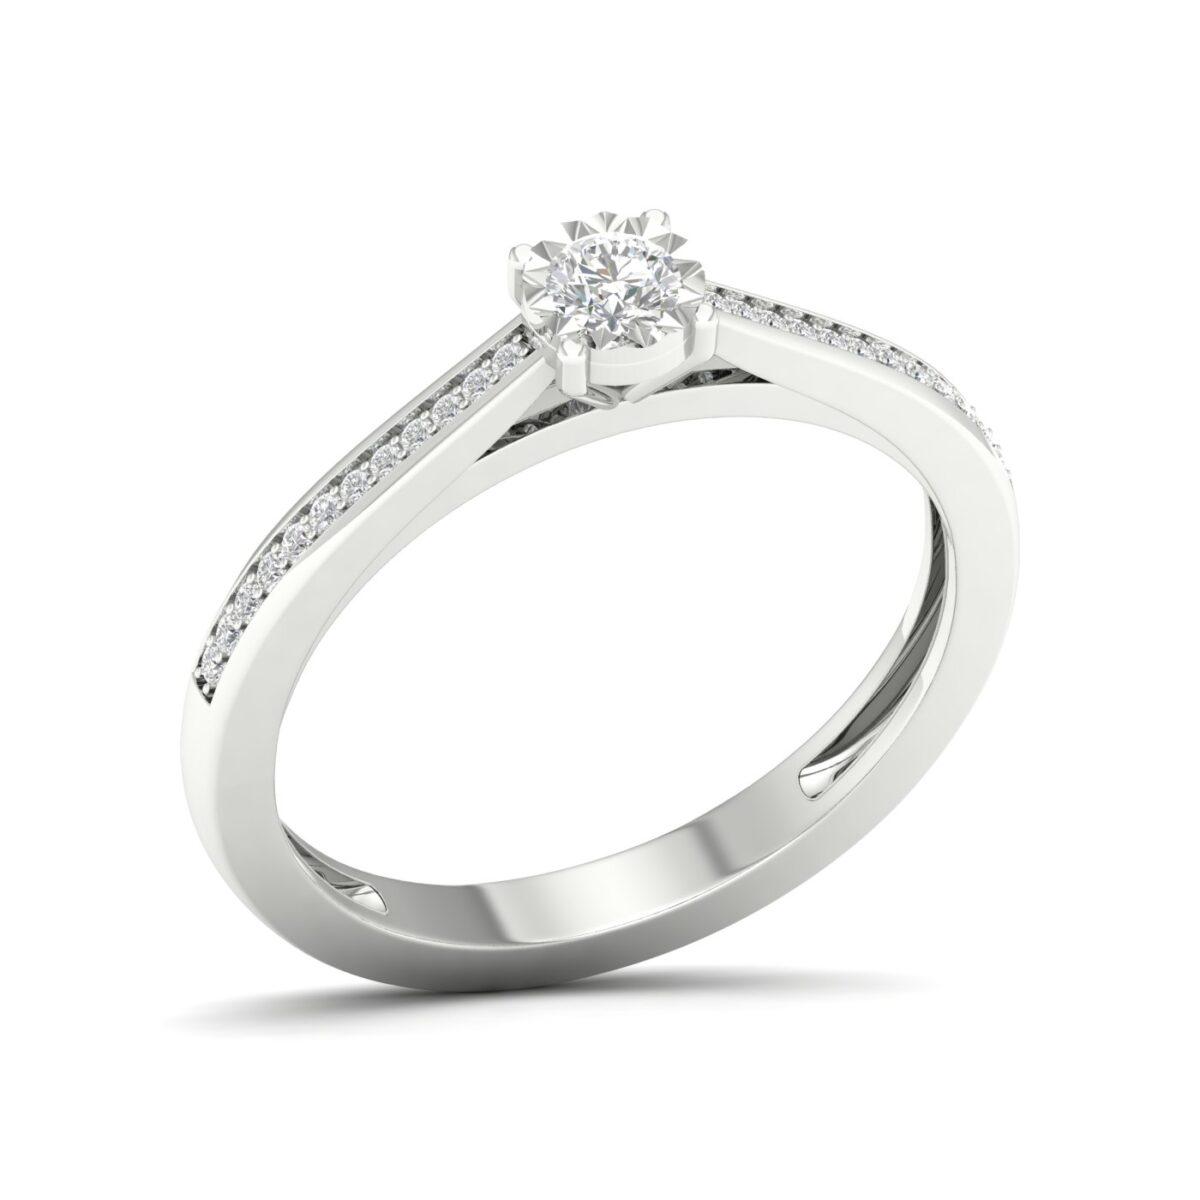 Kullast sõrmus teemantidega 0,17 ct. Kood: 51hc